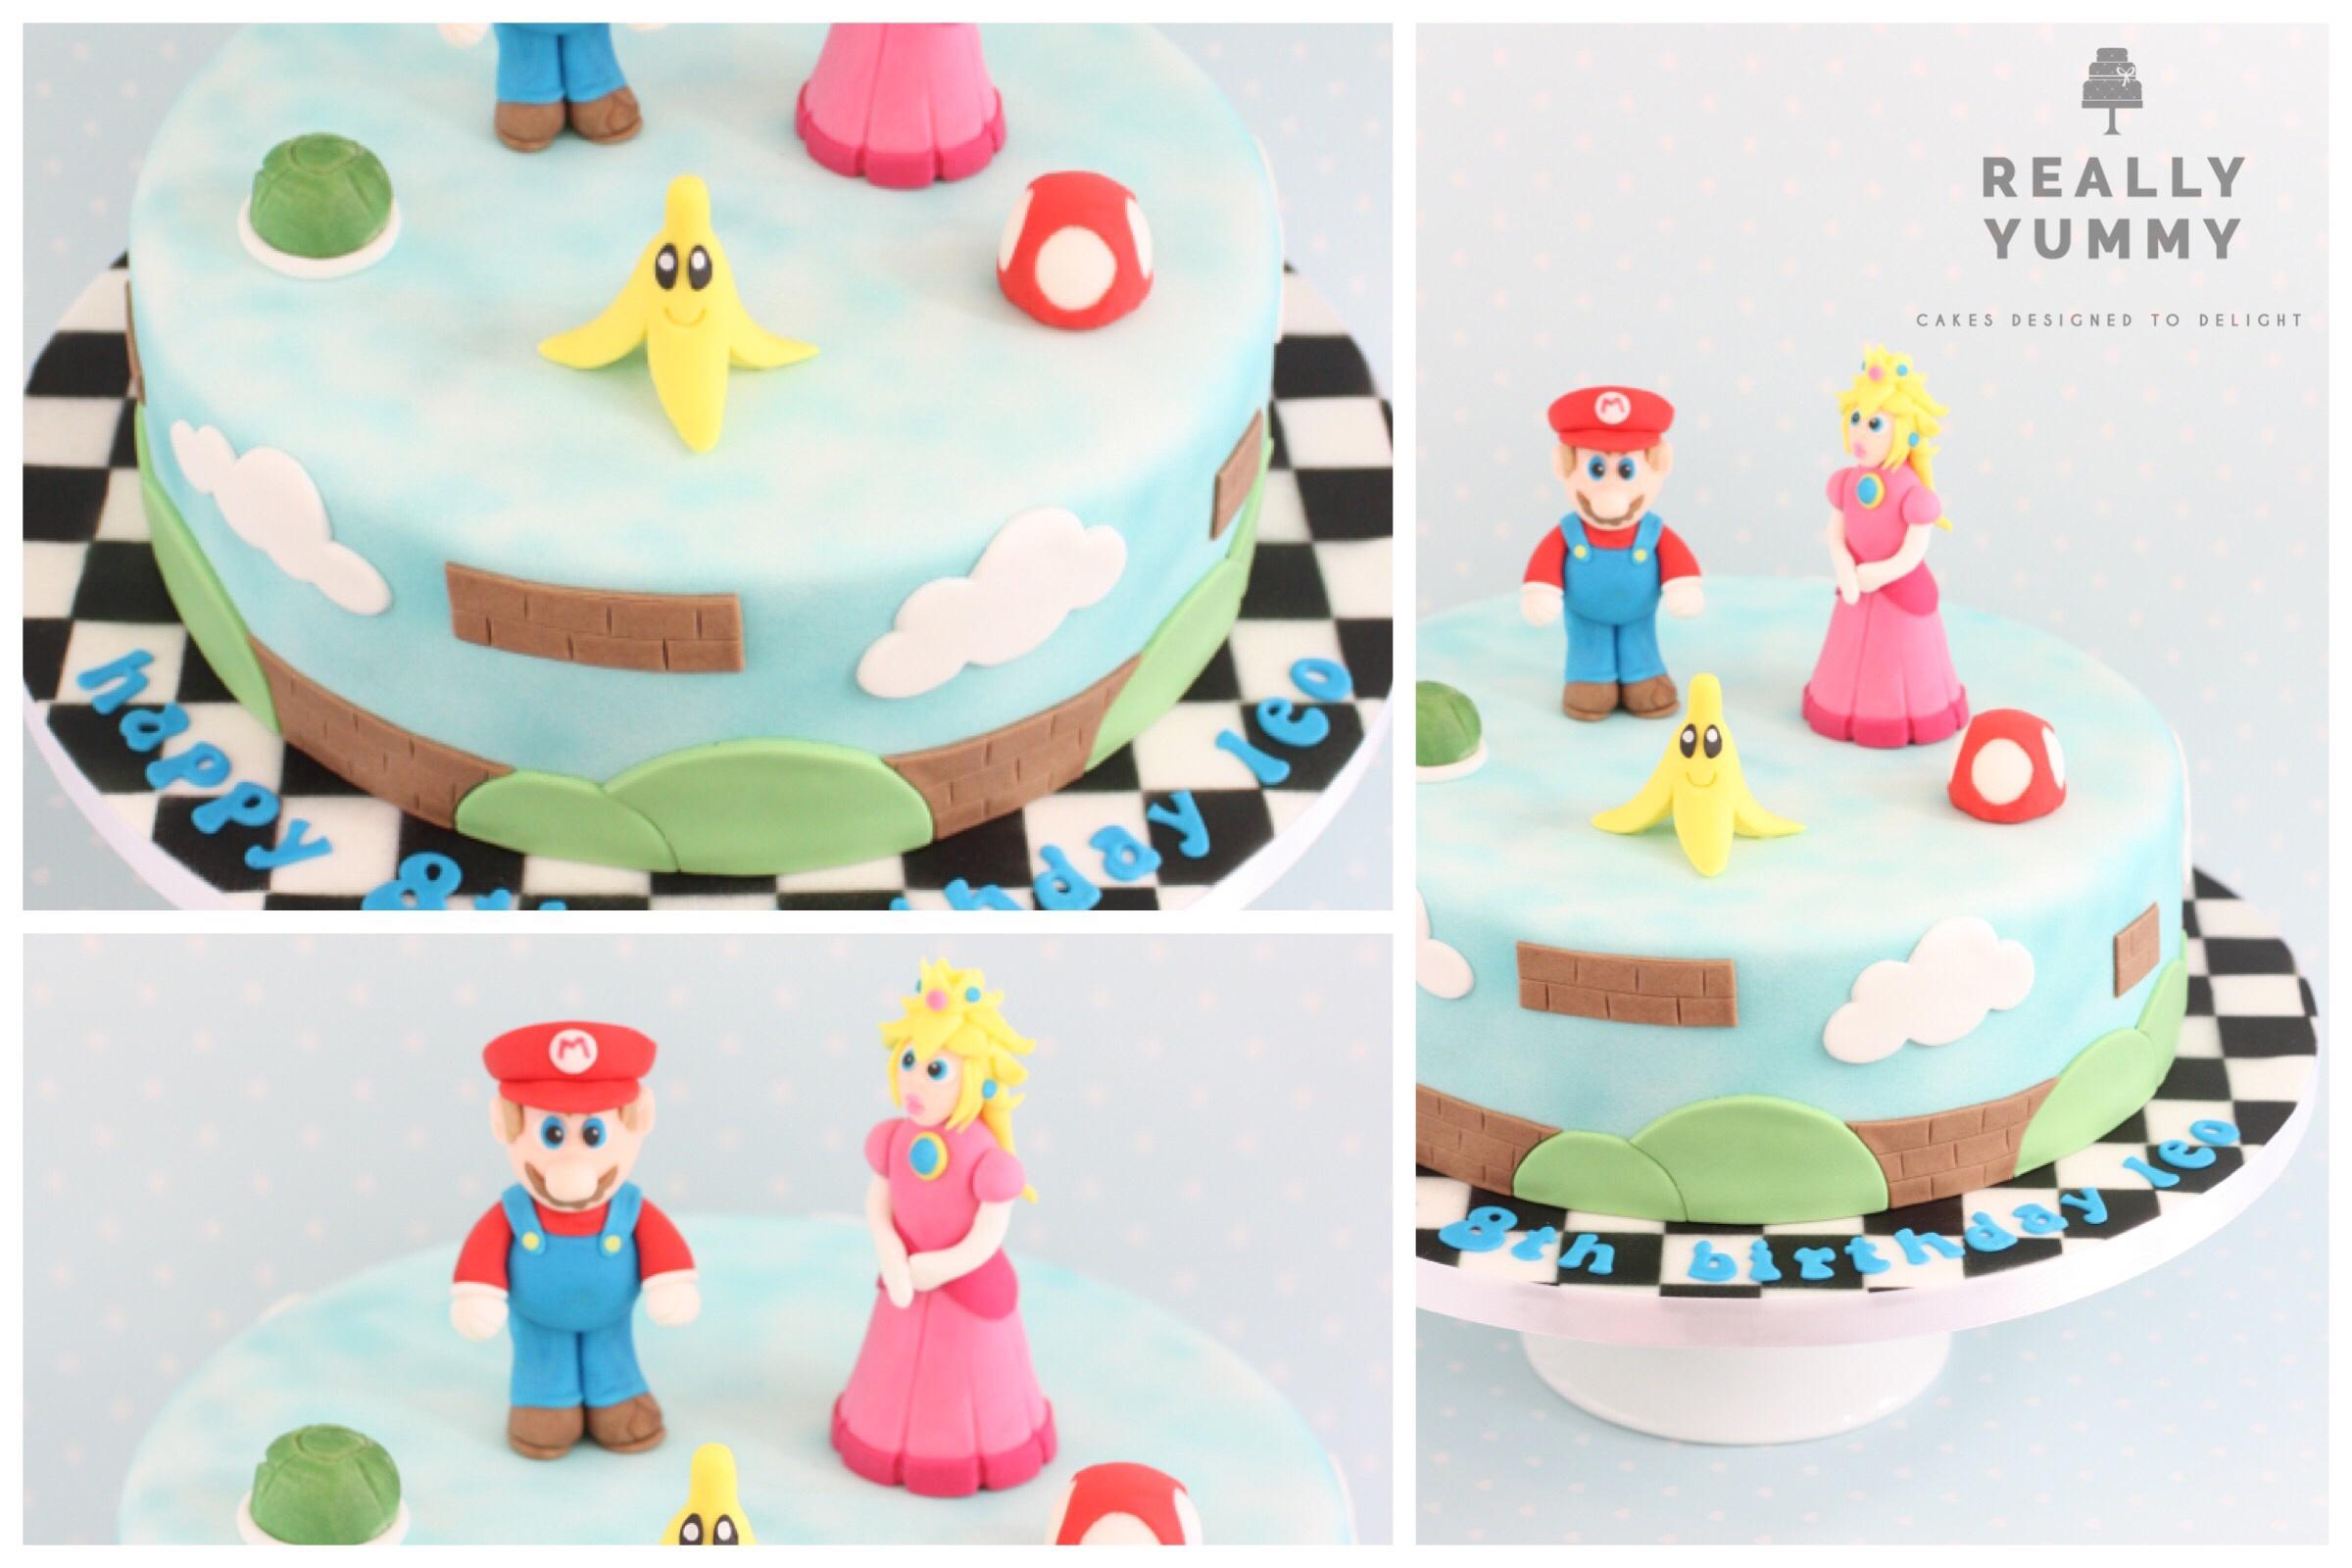 Mario Kart cake, with Mario and Princess Peach